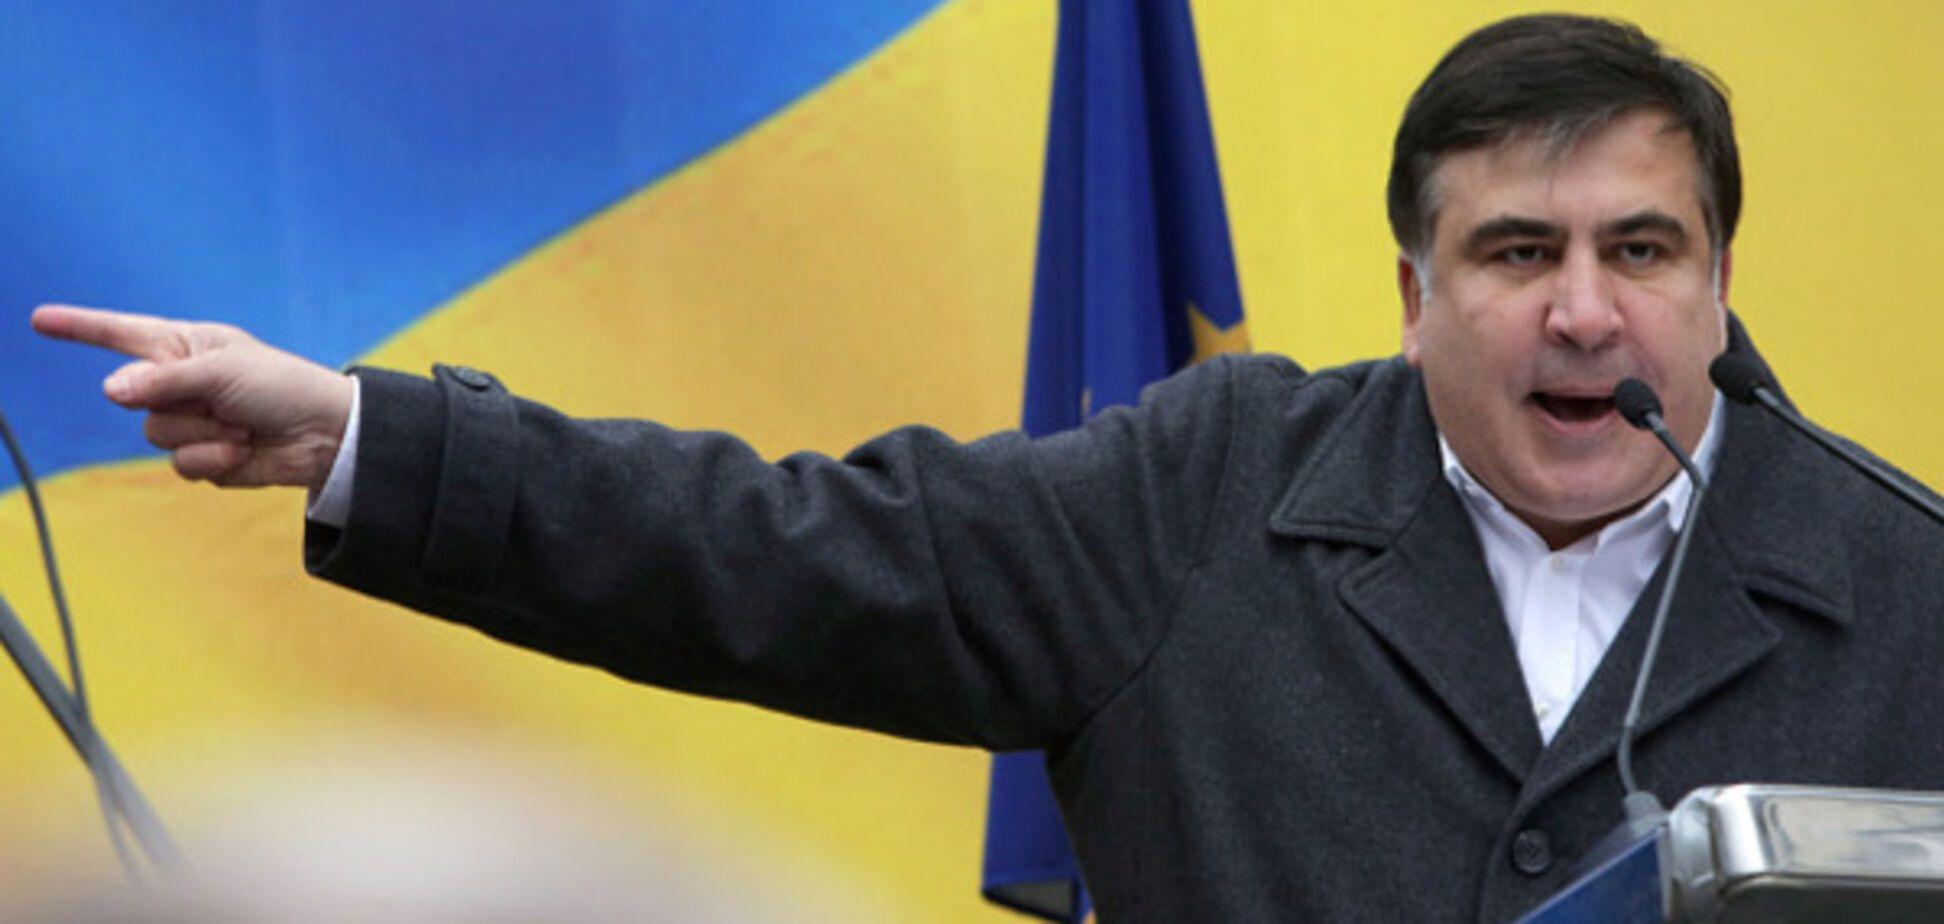 Задержание брата Саакашвили в Киеве: все подробности